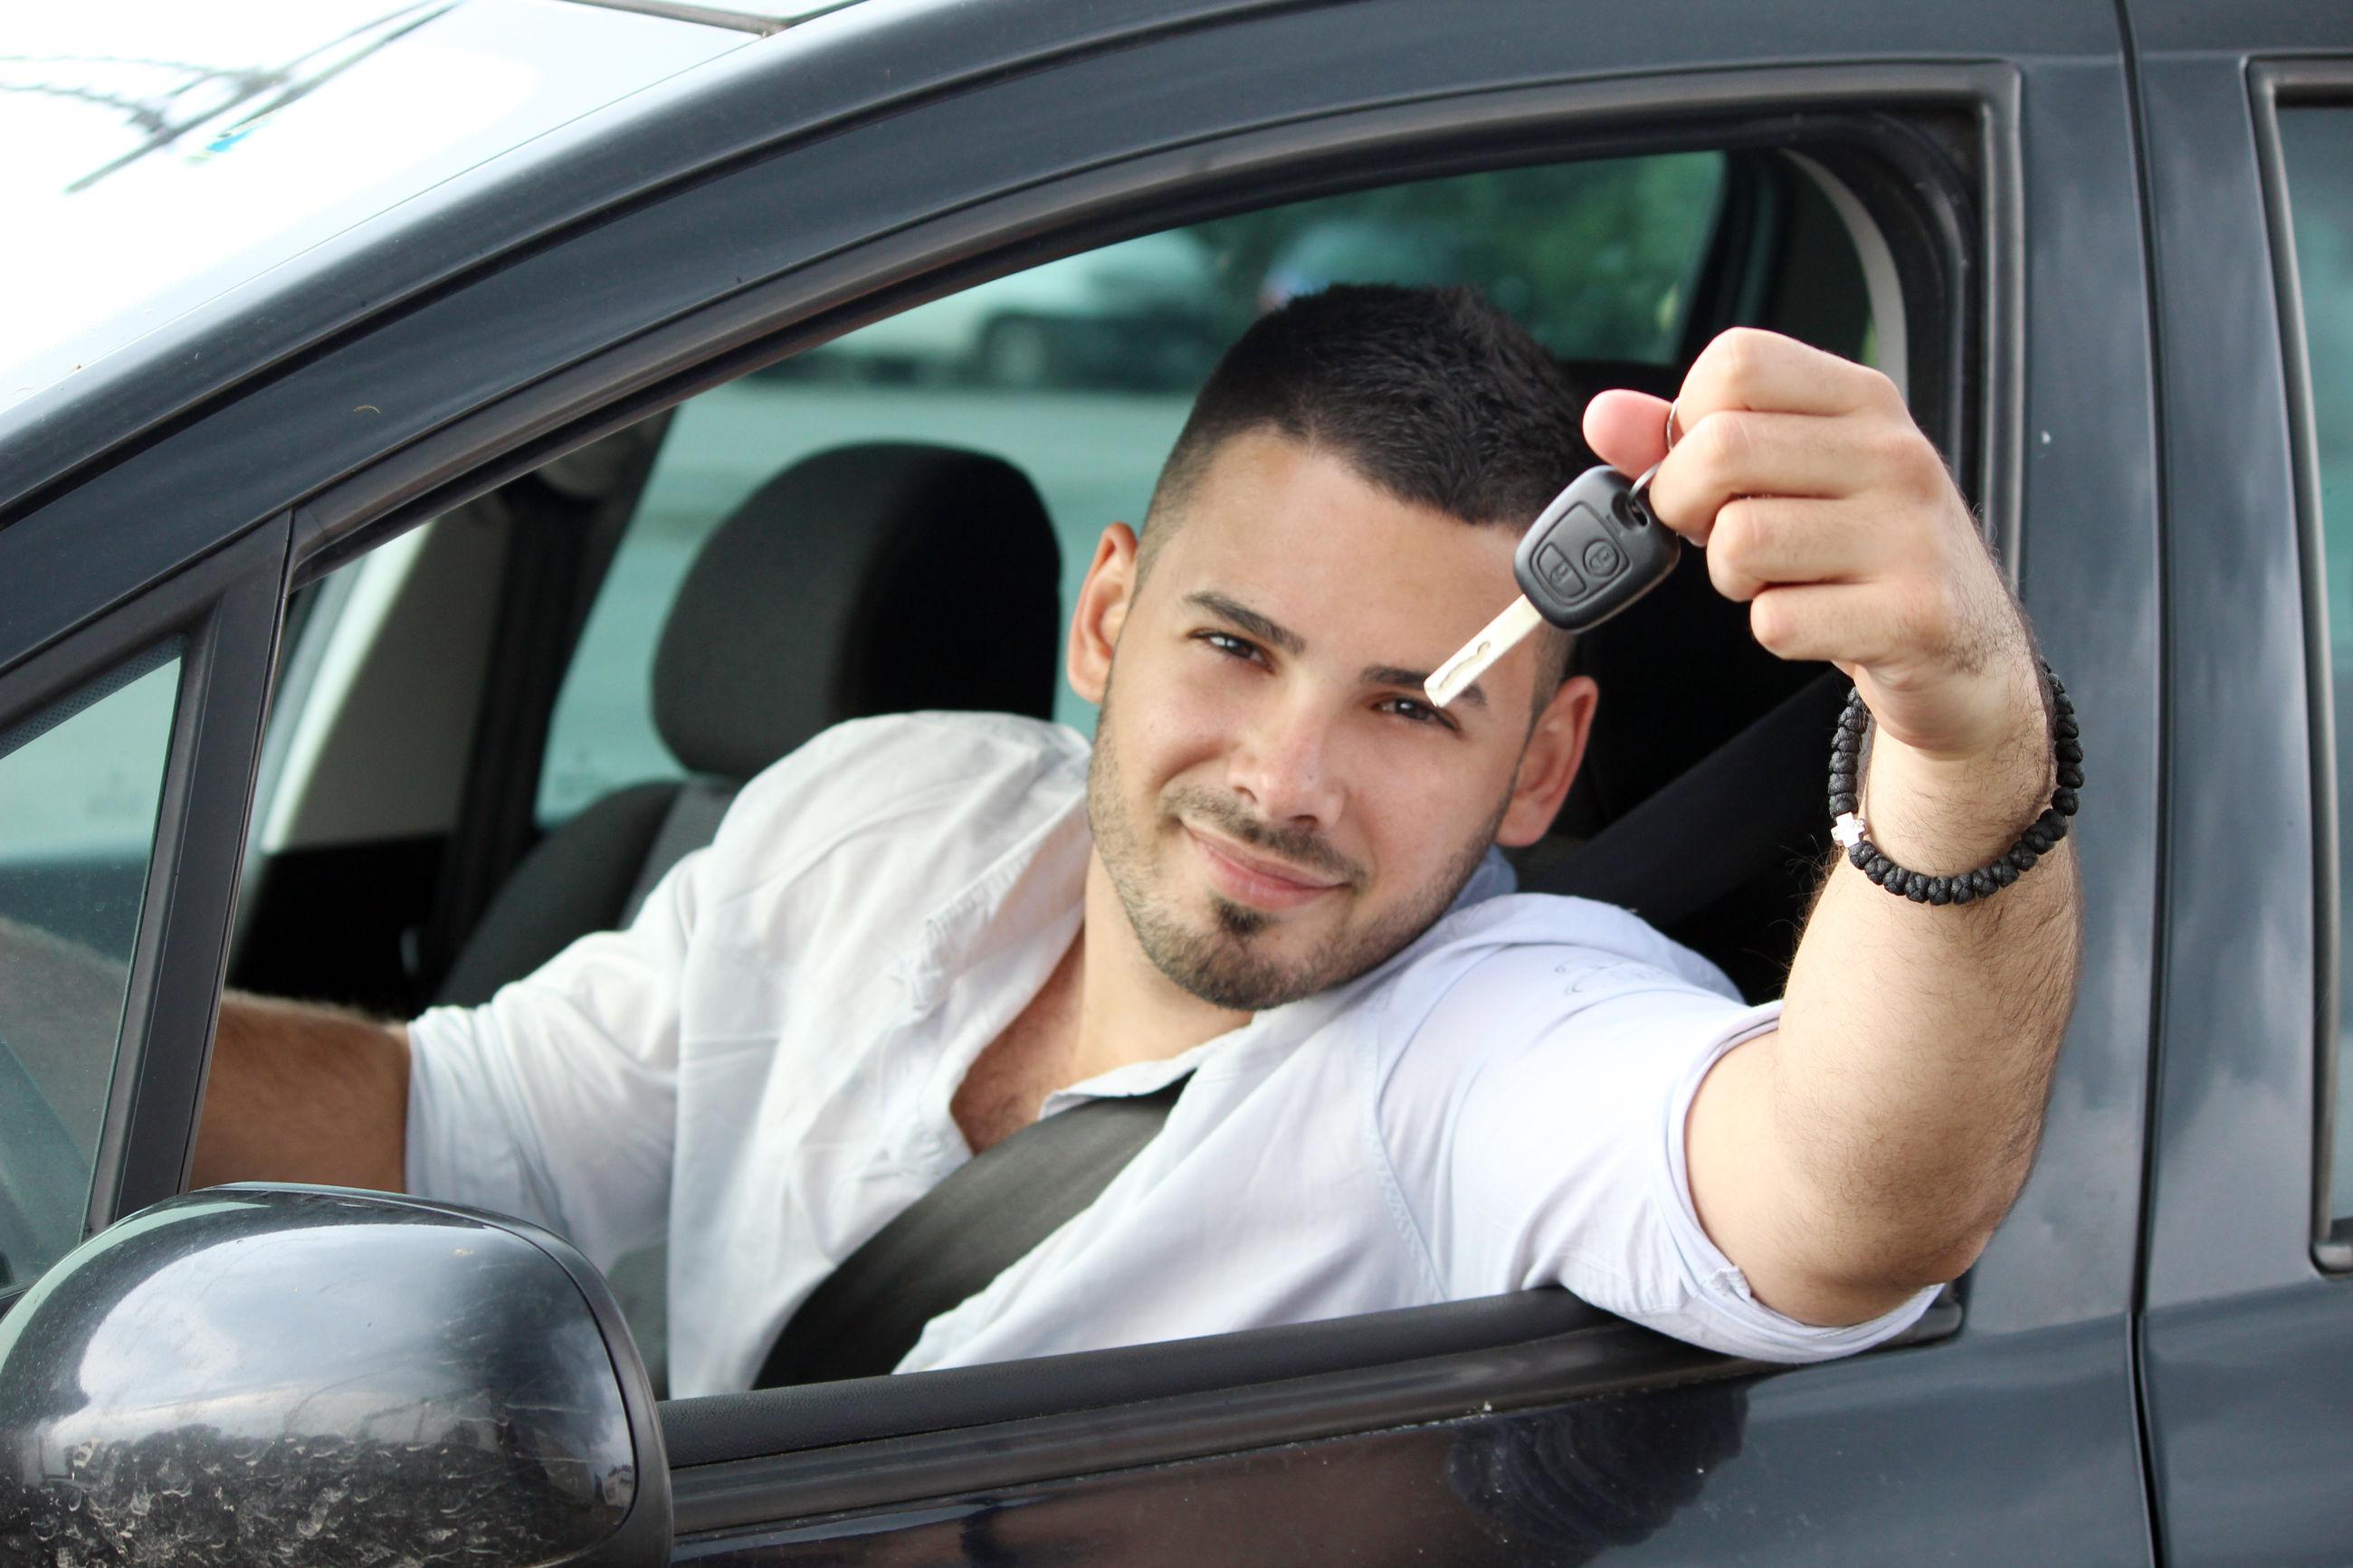 PORTRAIT OF MAN SITTING ON CAR